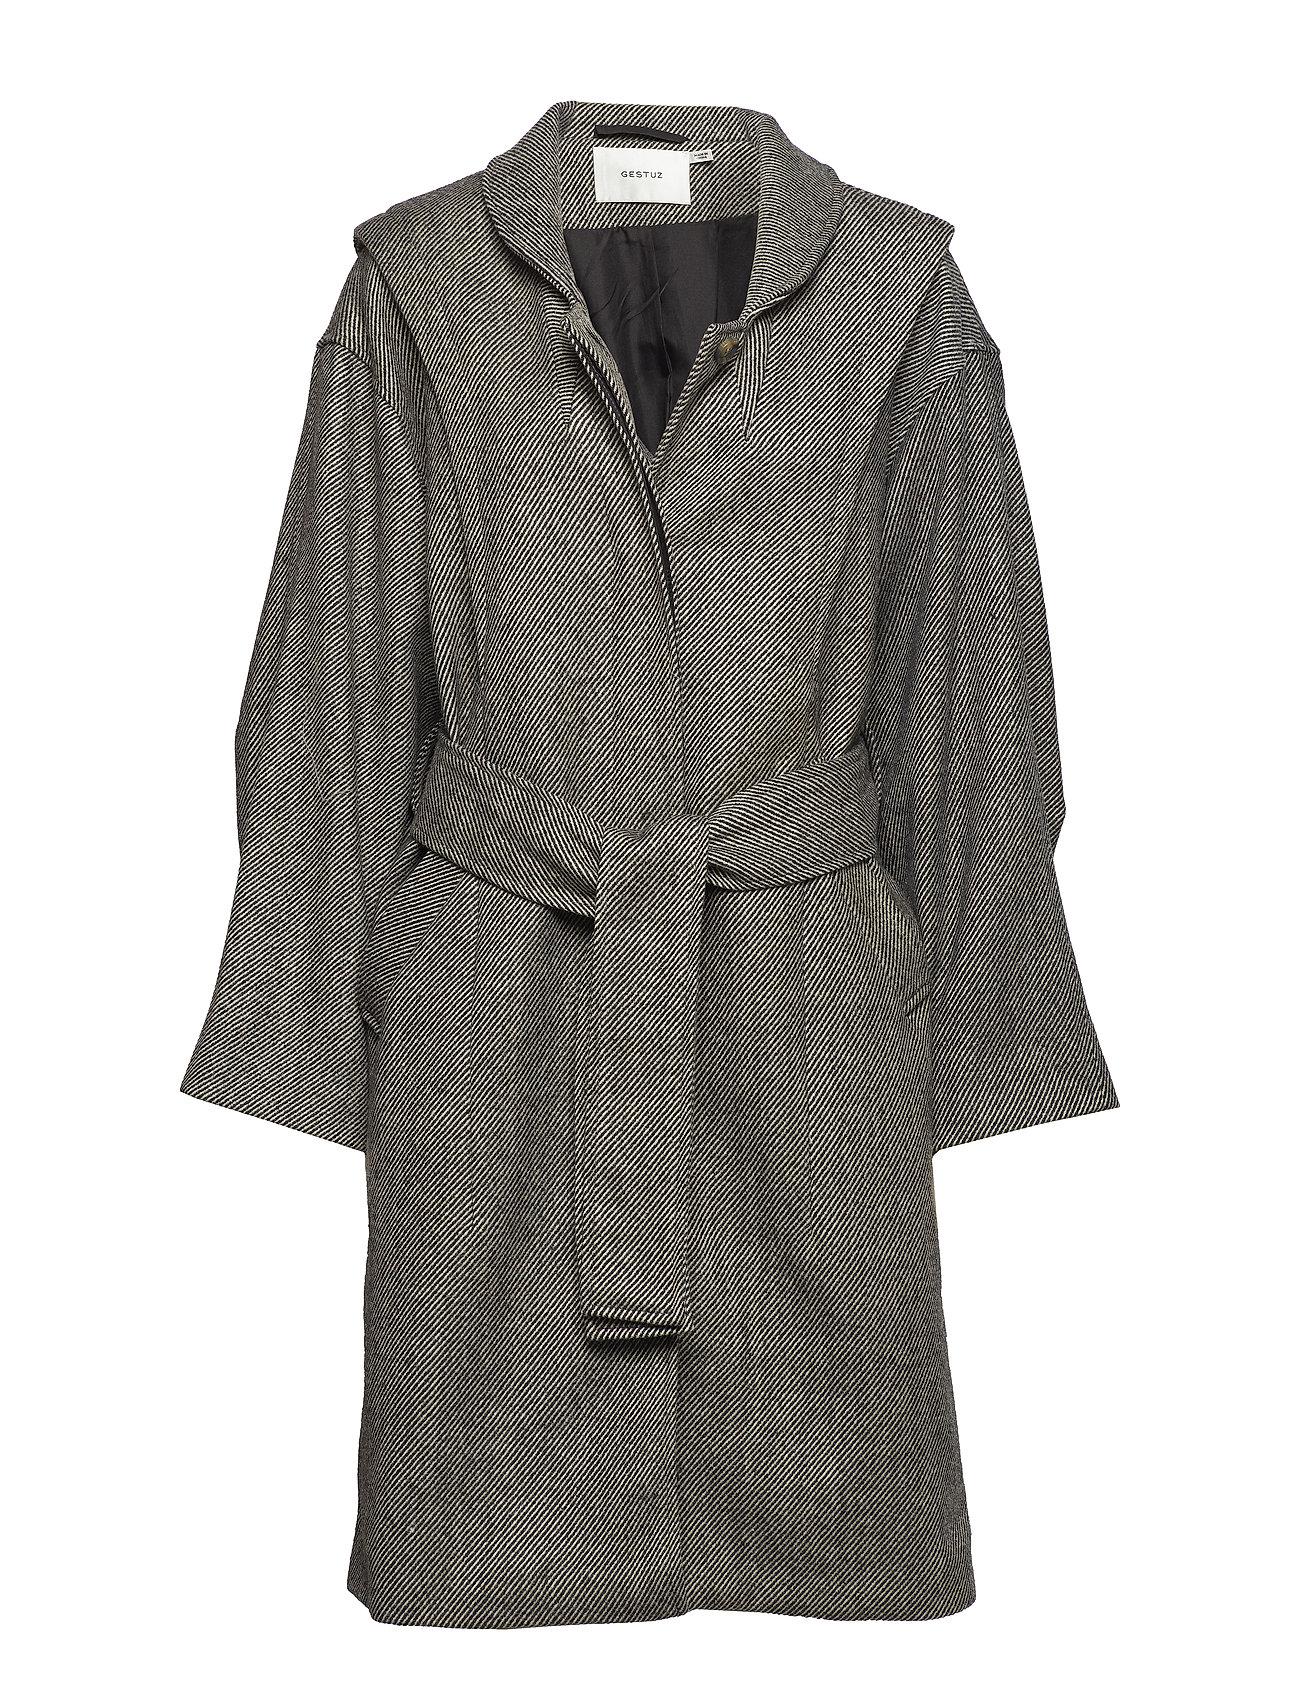 Image of Wolla Coat Ze4 18 (3075041765)